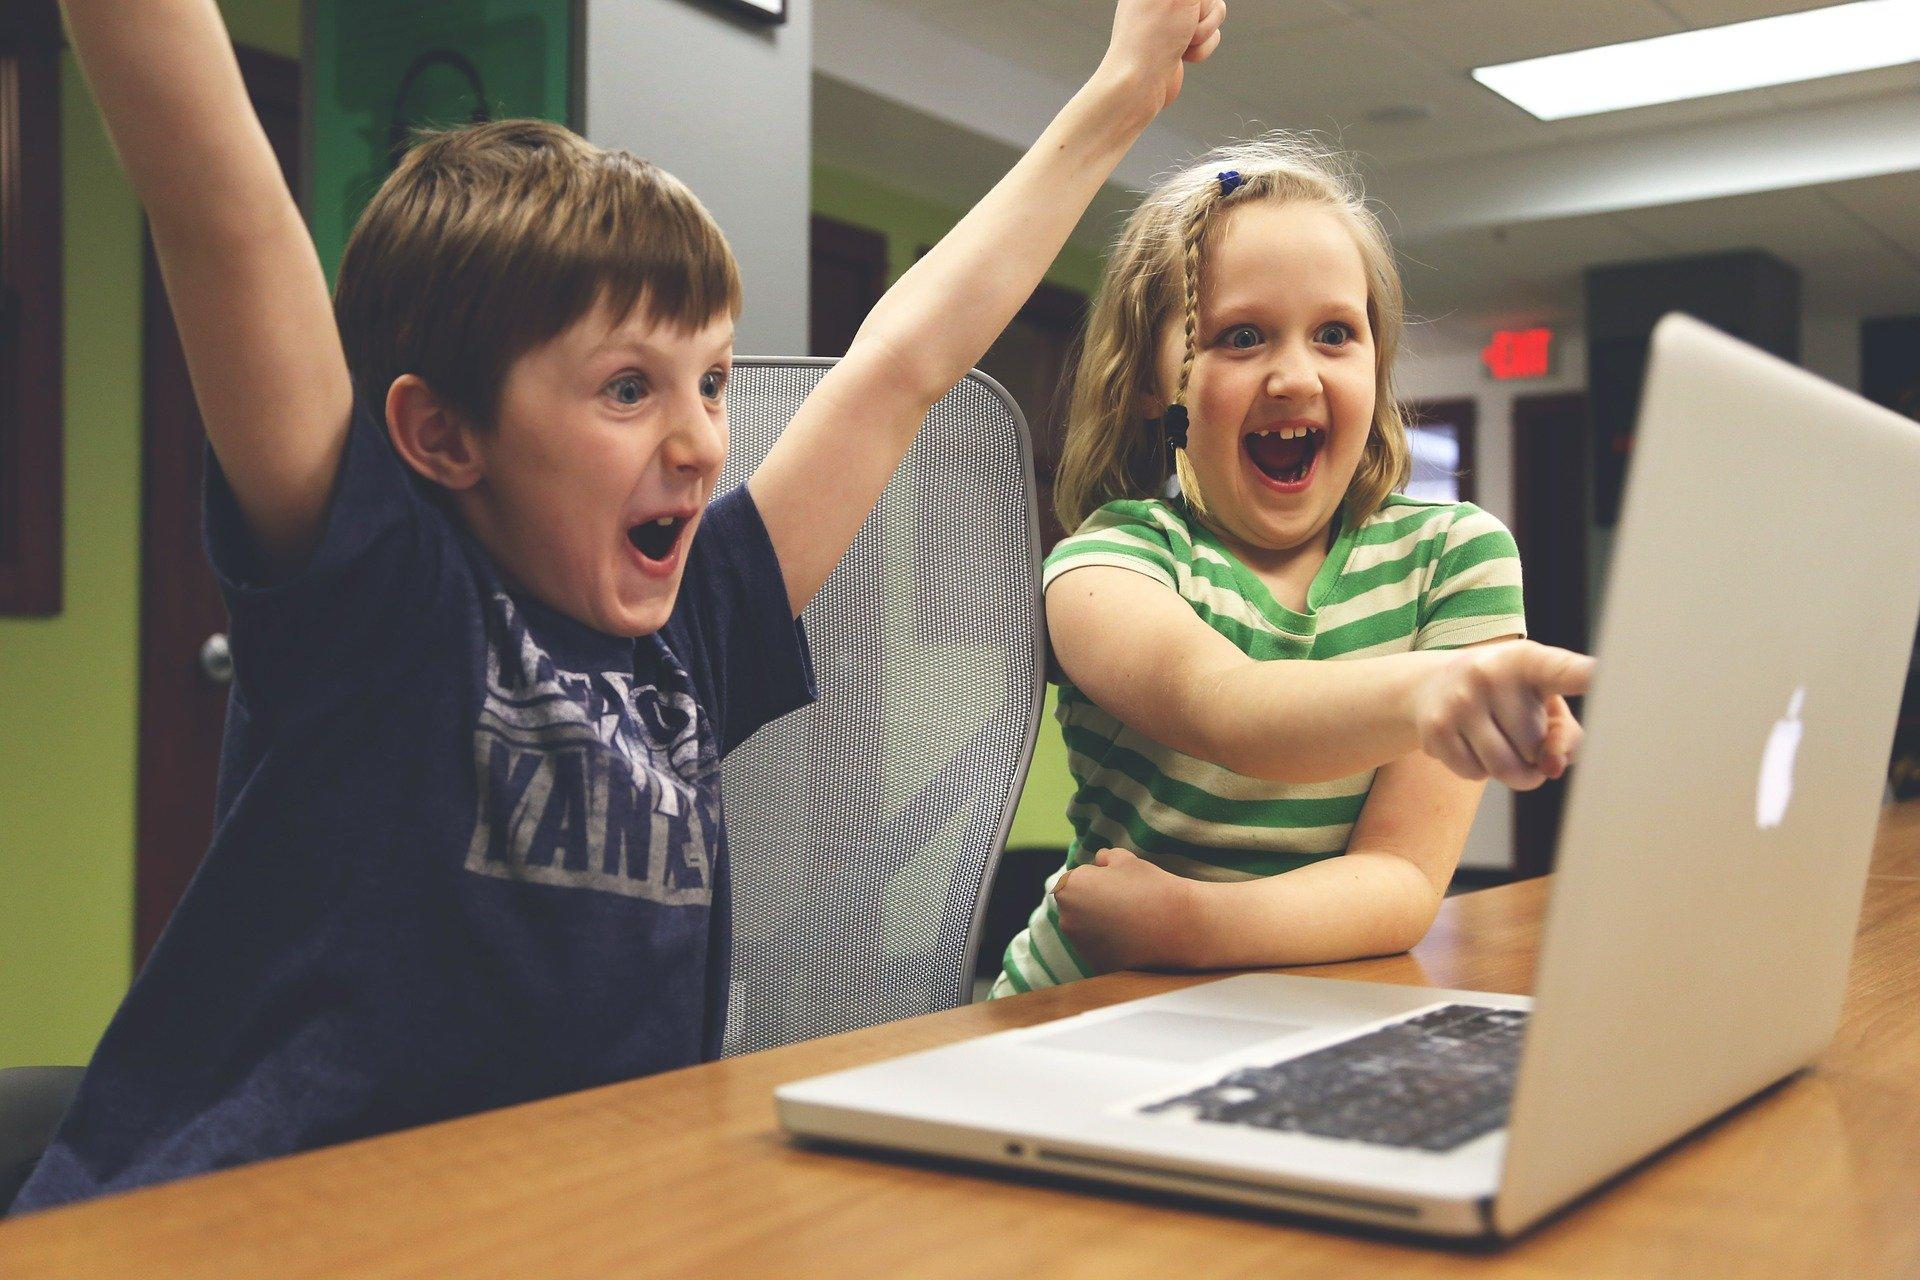 children 593313 19201 - Superación Personal para alcanzar nuestros objetivos